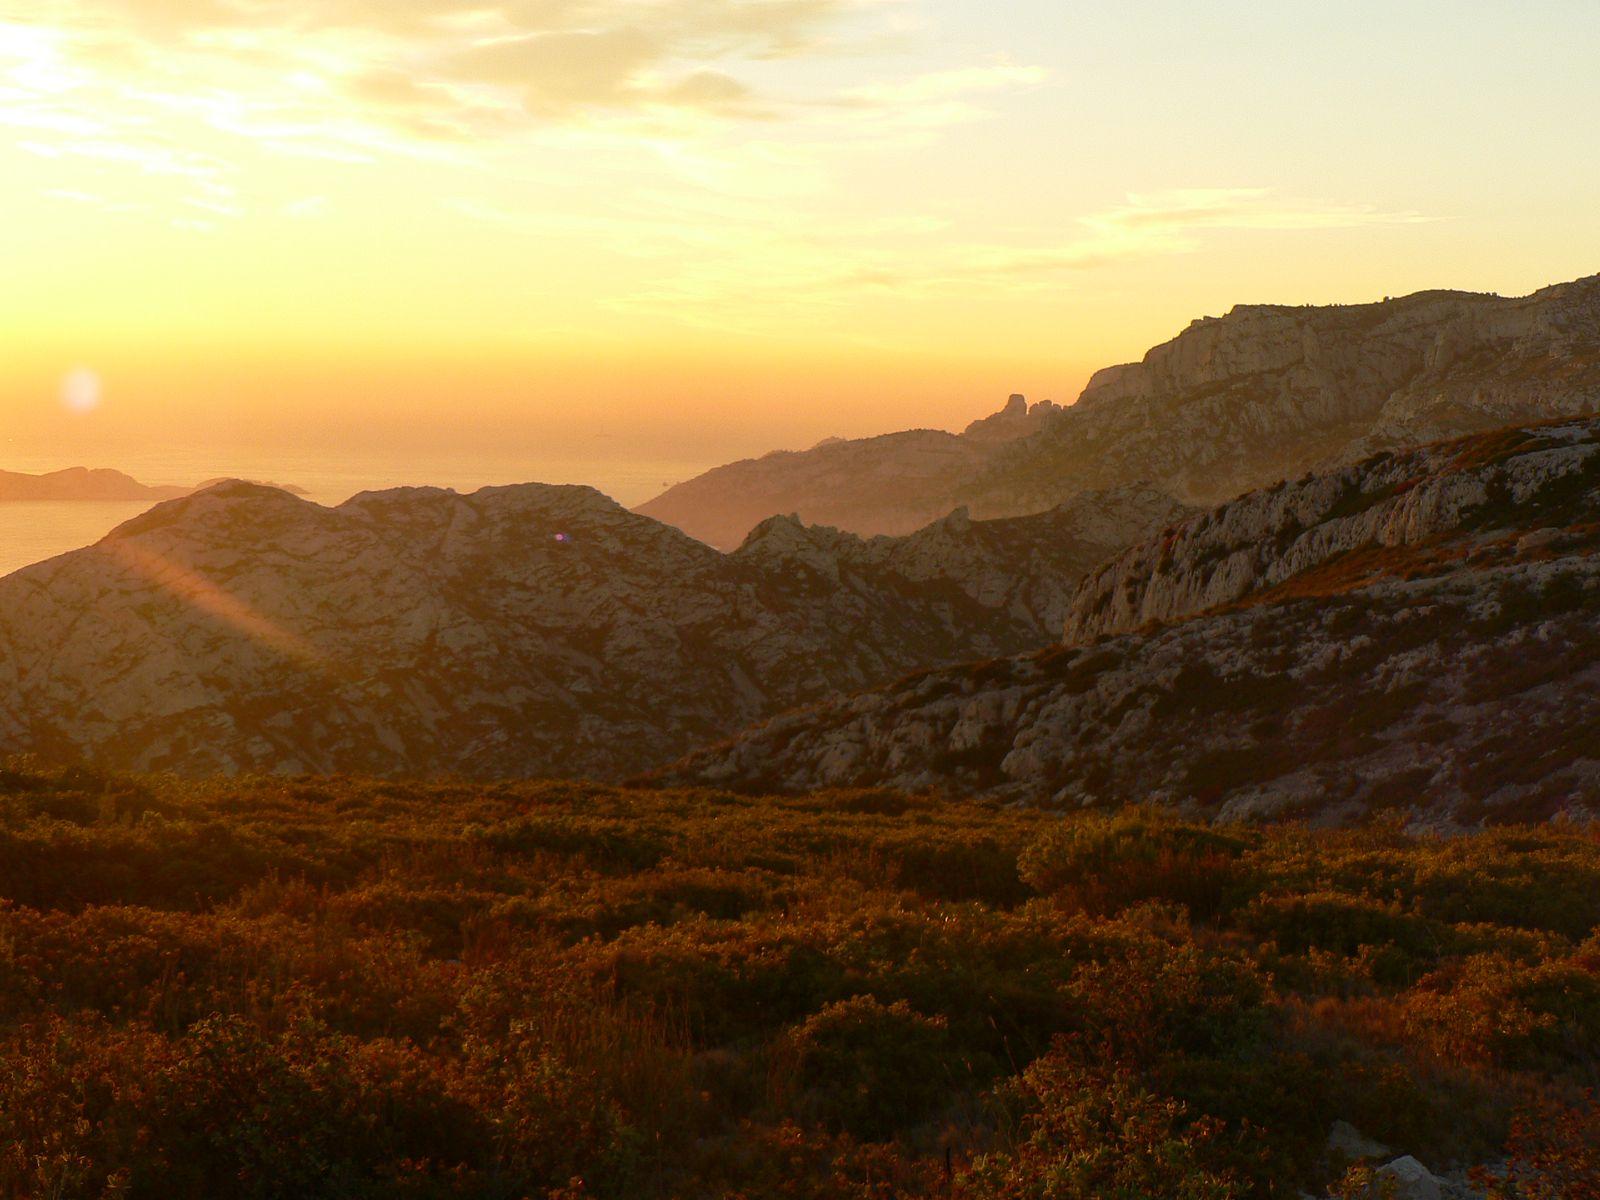 Au contraire coucher de soleil sur les calanques de marseille - Coucher de soleil marseille ...